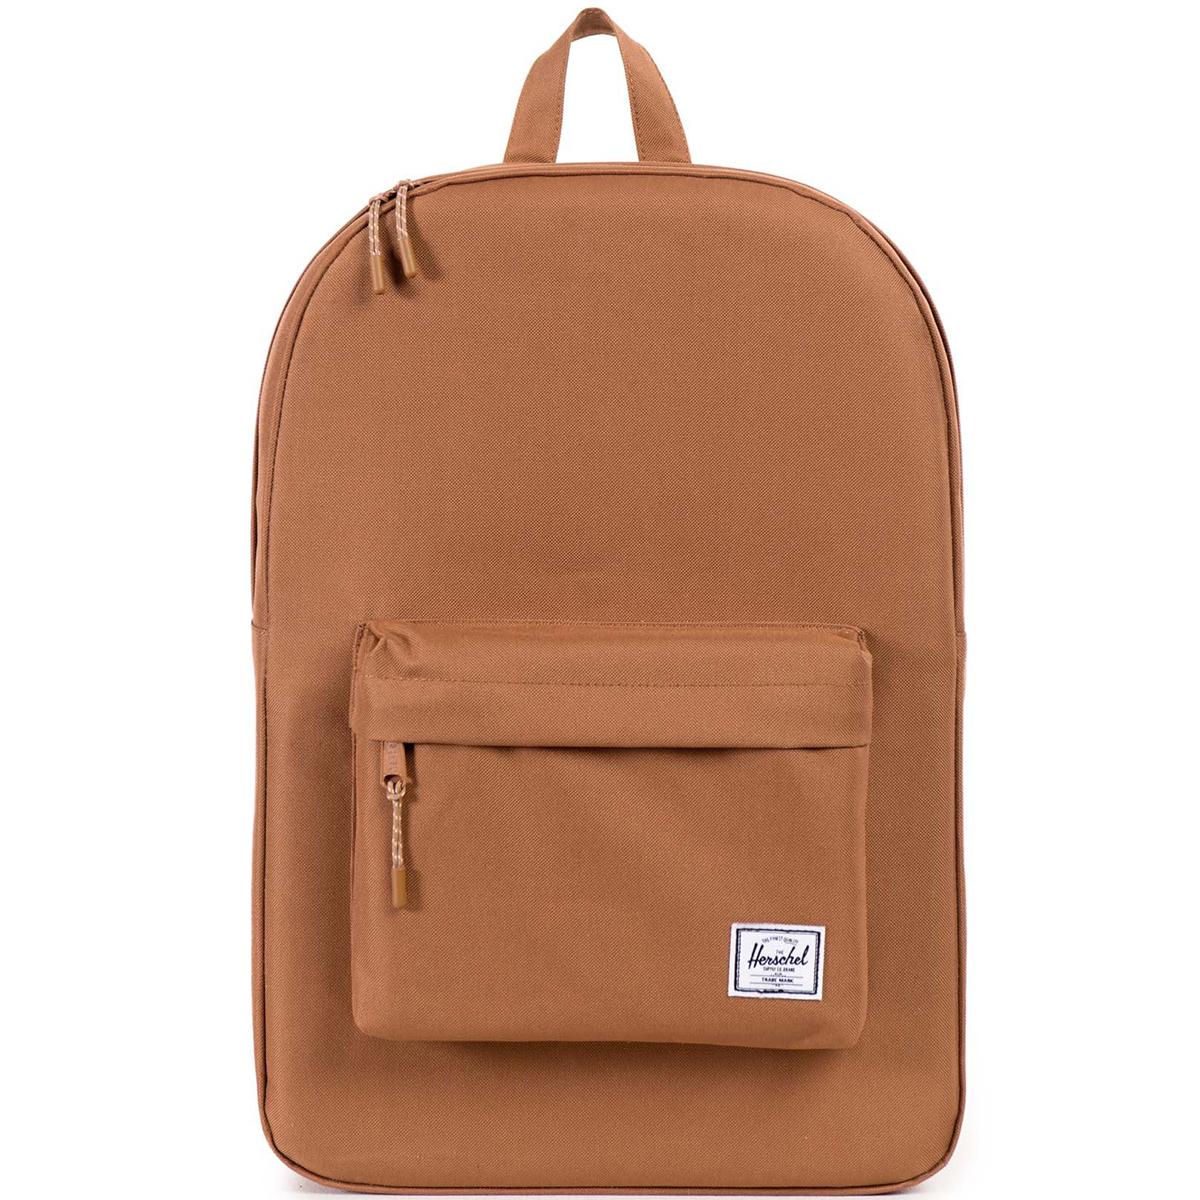 Рюкзак городской Herschel Classic (A/S), цвет: светло-коричневый. 828432048359828432048359Рюкзак Herschel Classic целиком и полностью оправдывает свое название, выражая совершенство в лаконичных и идеальных линиях. Этот рюкзак создан для любых целей и поездок и отлично впишется в абсолютно любой стиль.